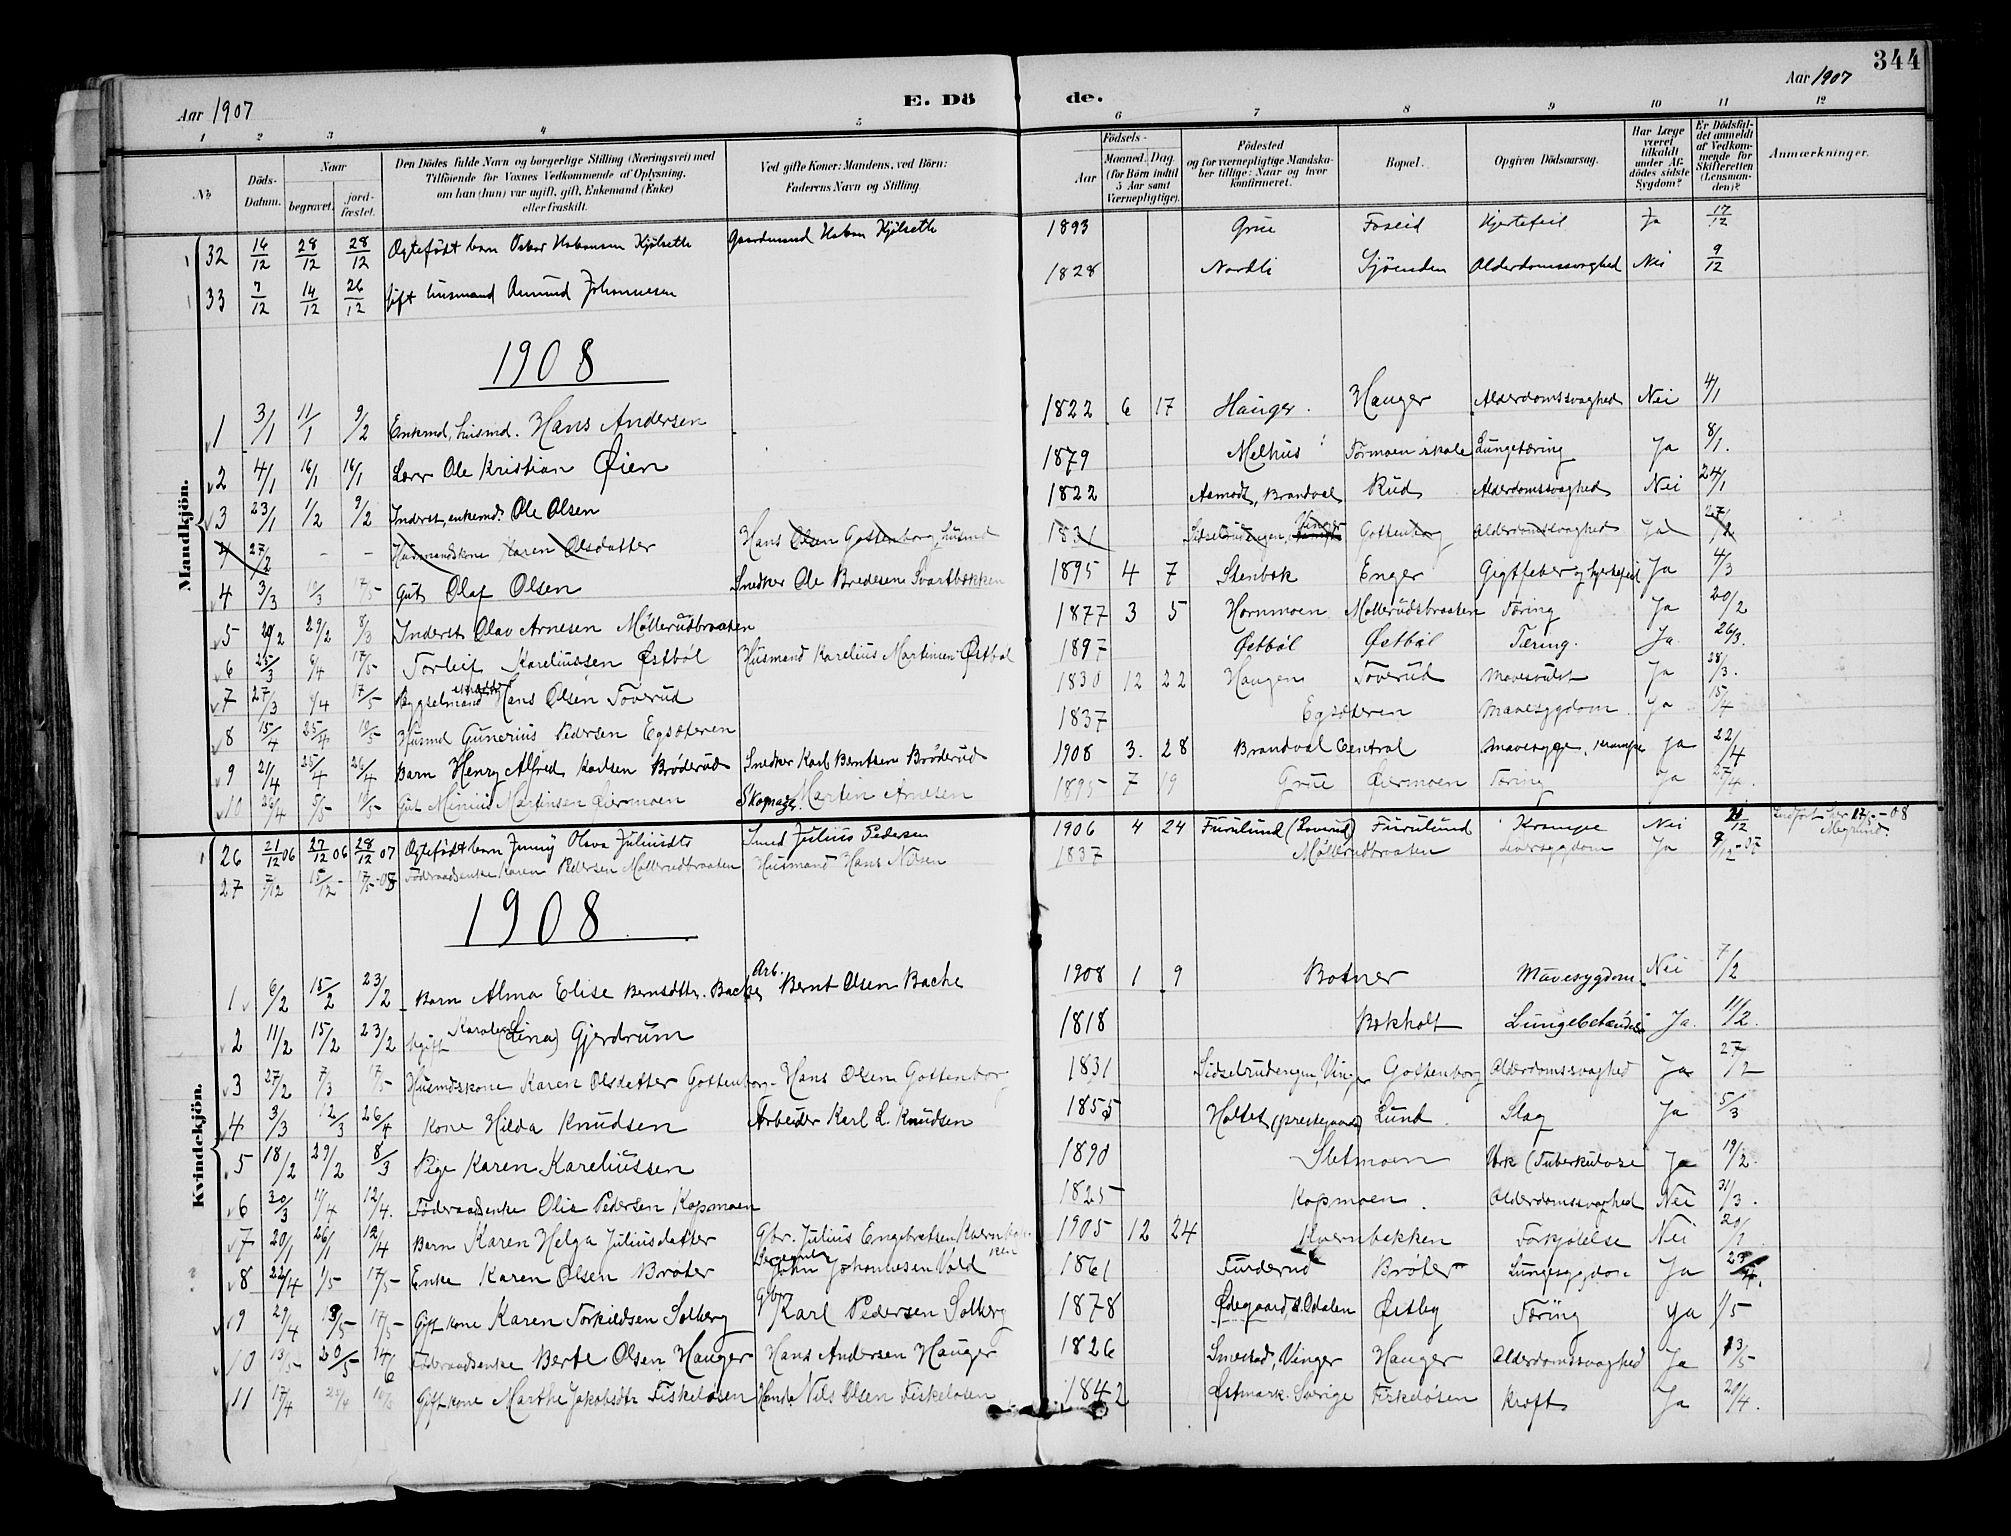 SAH, Brandval prestekontor, H/Ha/Haa/L0003: Ministerialbok nr. 3, 1894-1909, s. 344